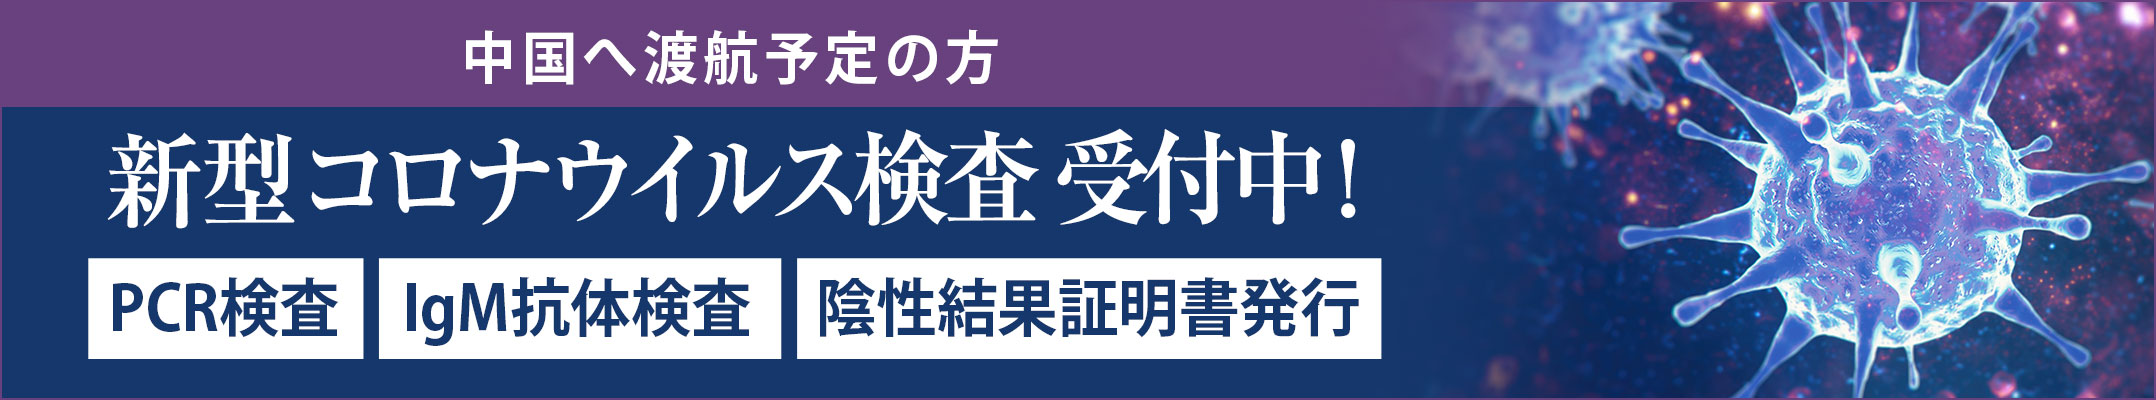 新型コロナウイルス検査受付中!